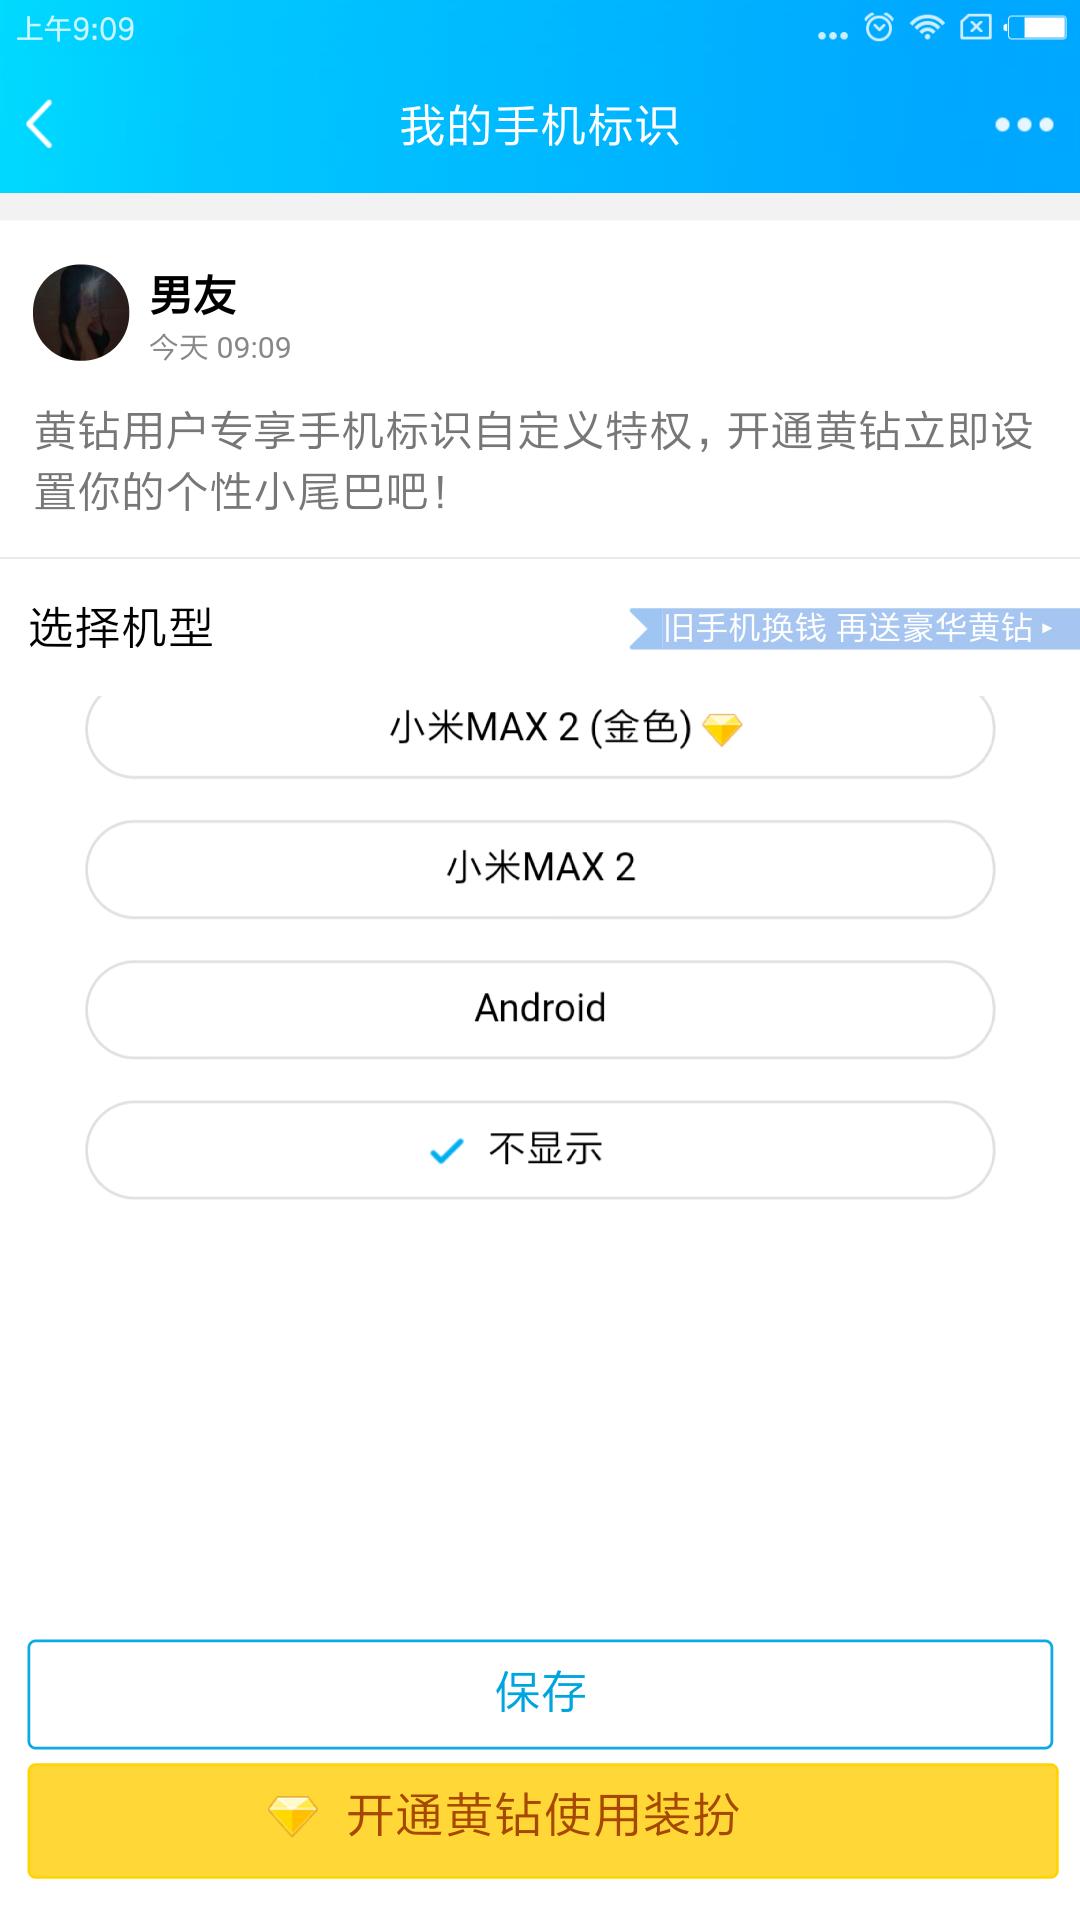 【分享】QQ空间手机标识助手(1.0)一键生成空间手机标识代码-爱小助